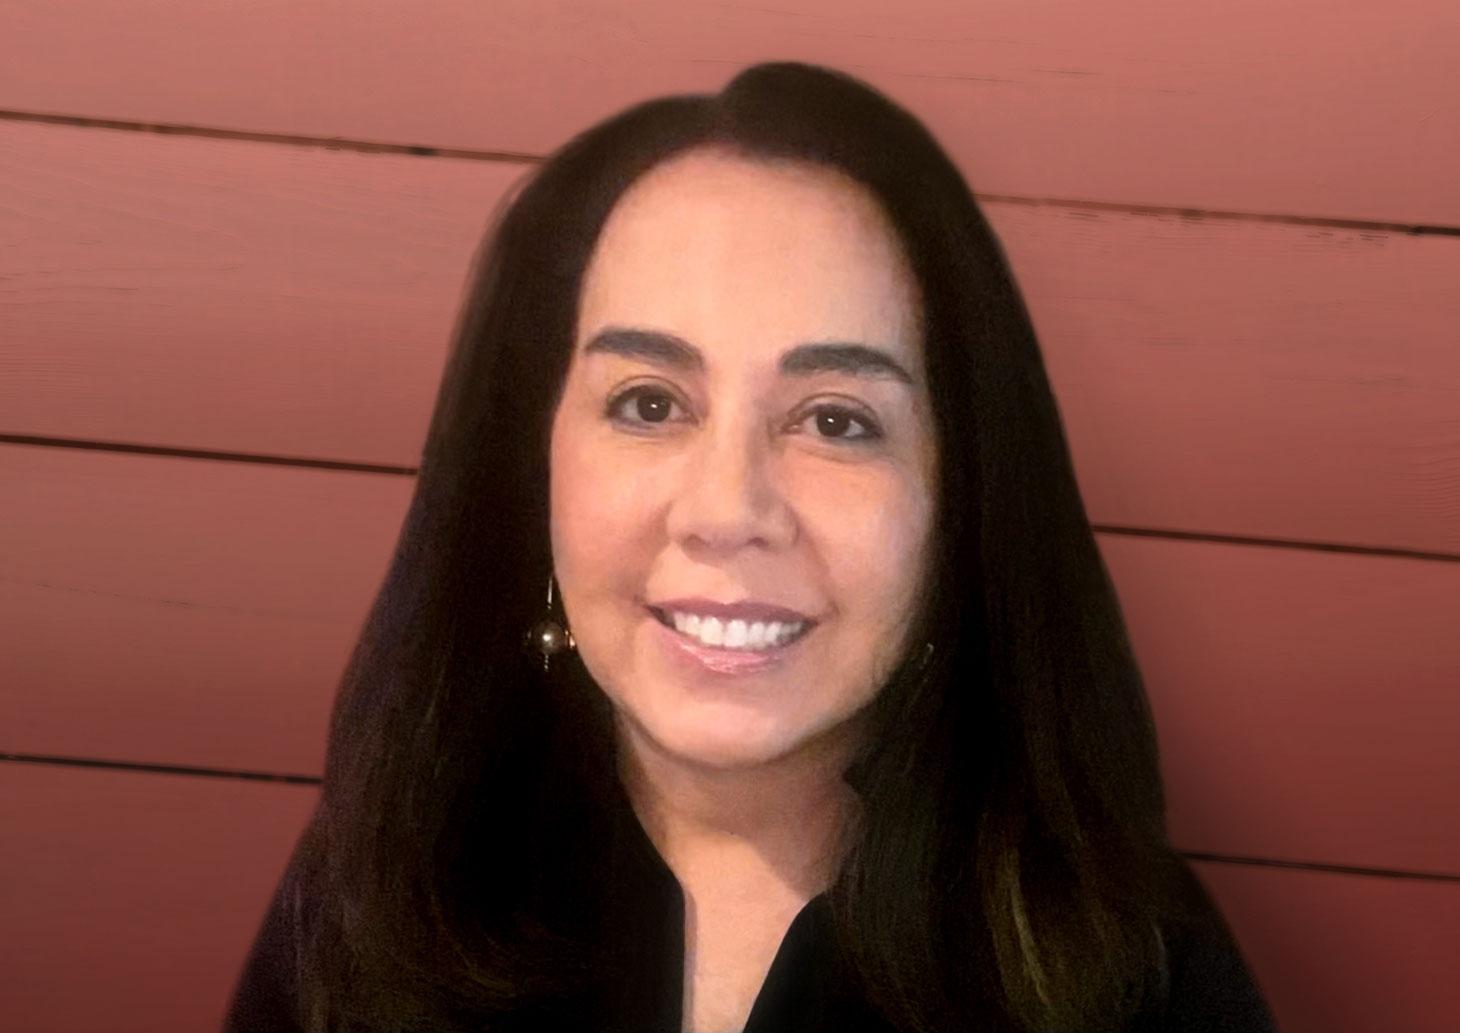 Portrait of Joanne Bal